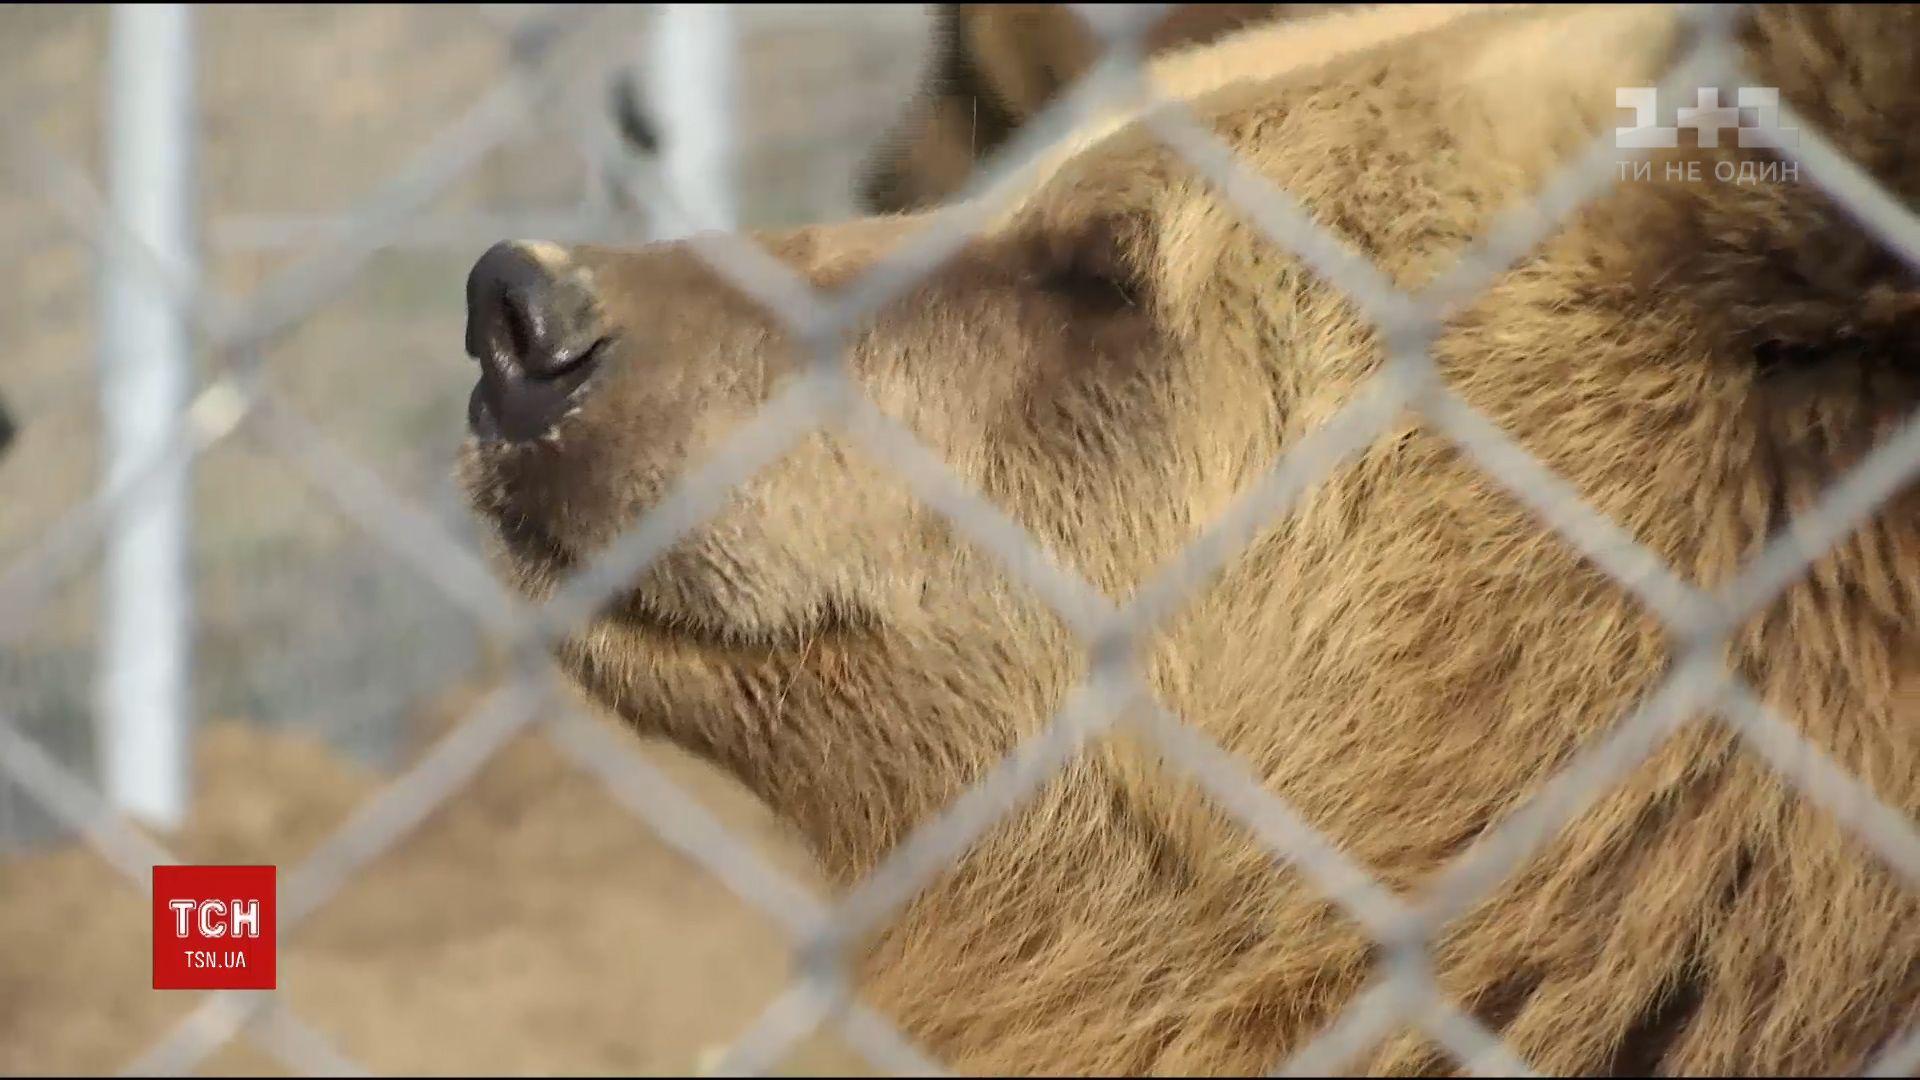 Тварина захворіла на стереотипію / Скріншот відео ТСН